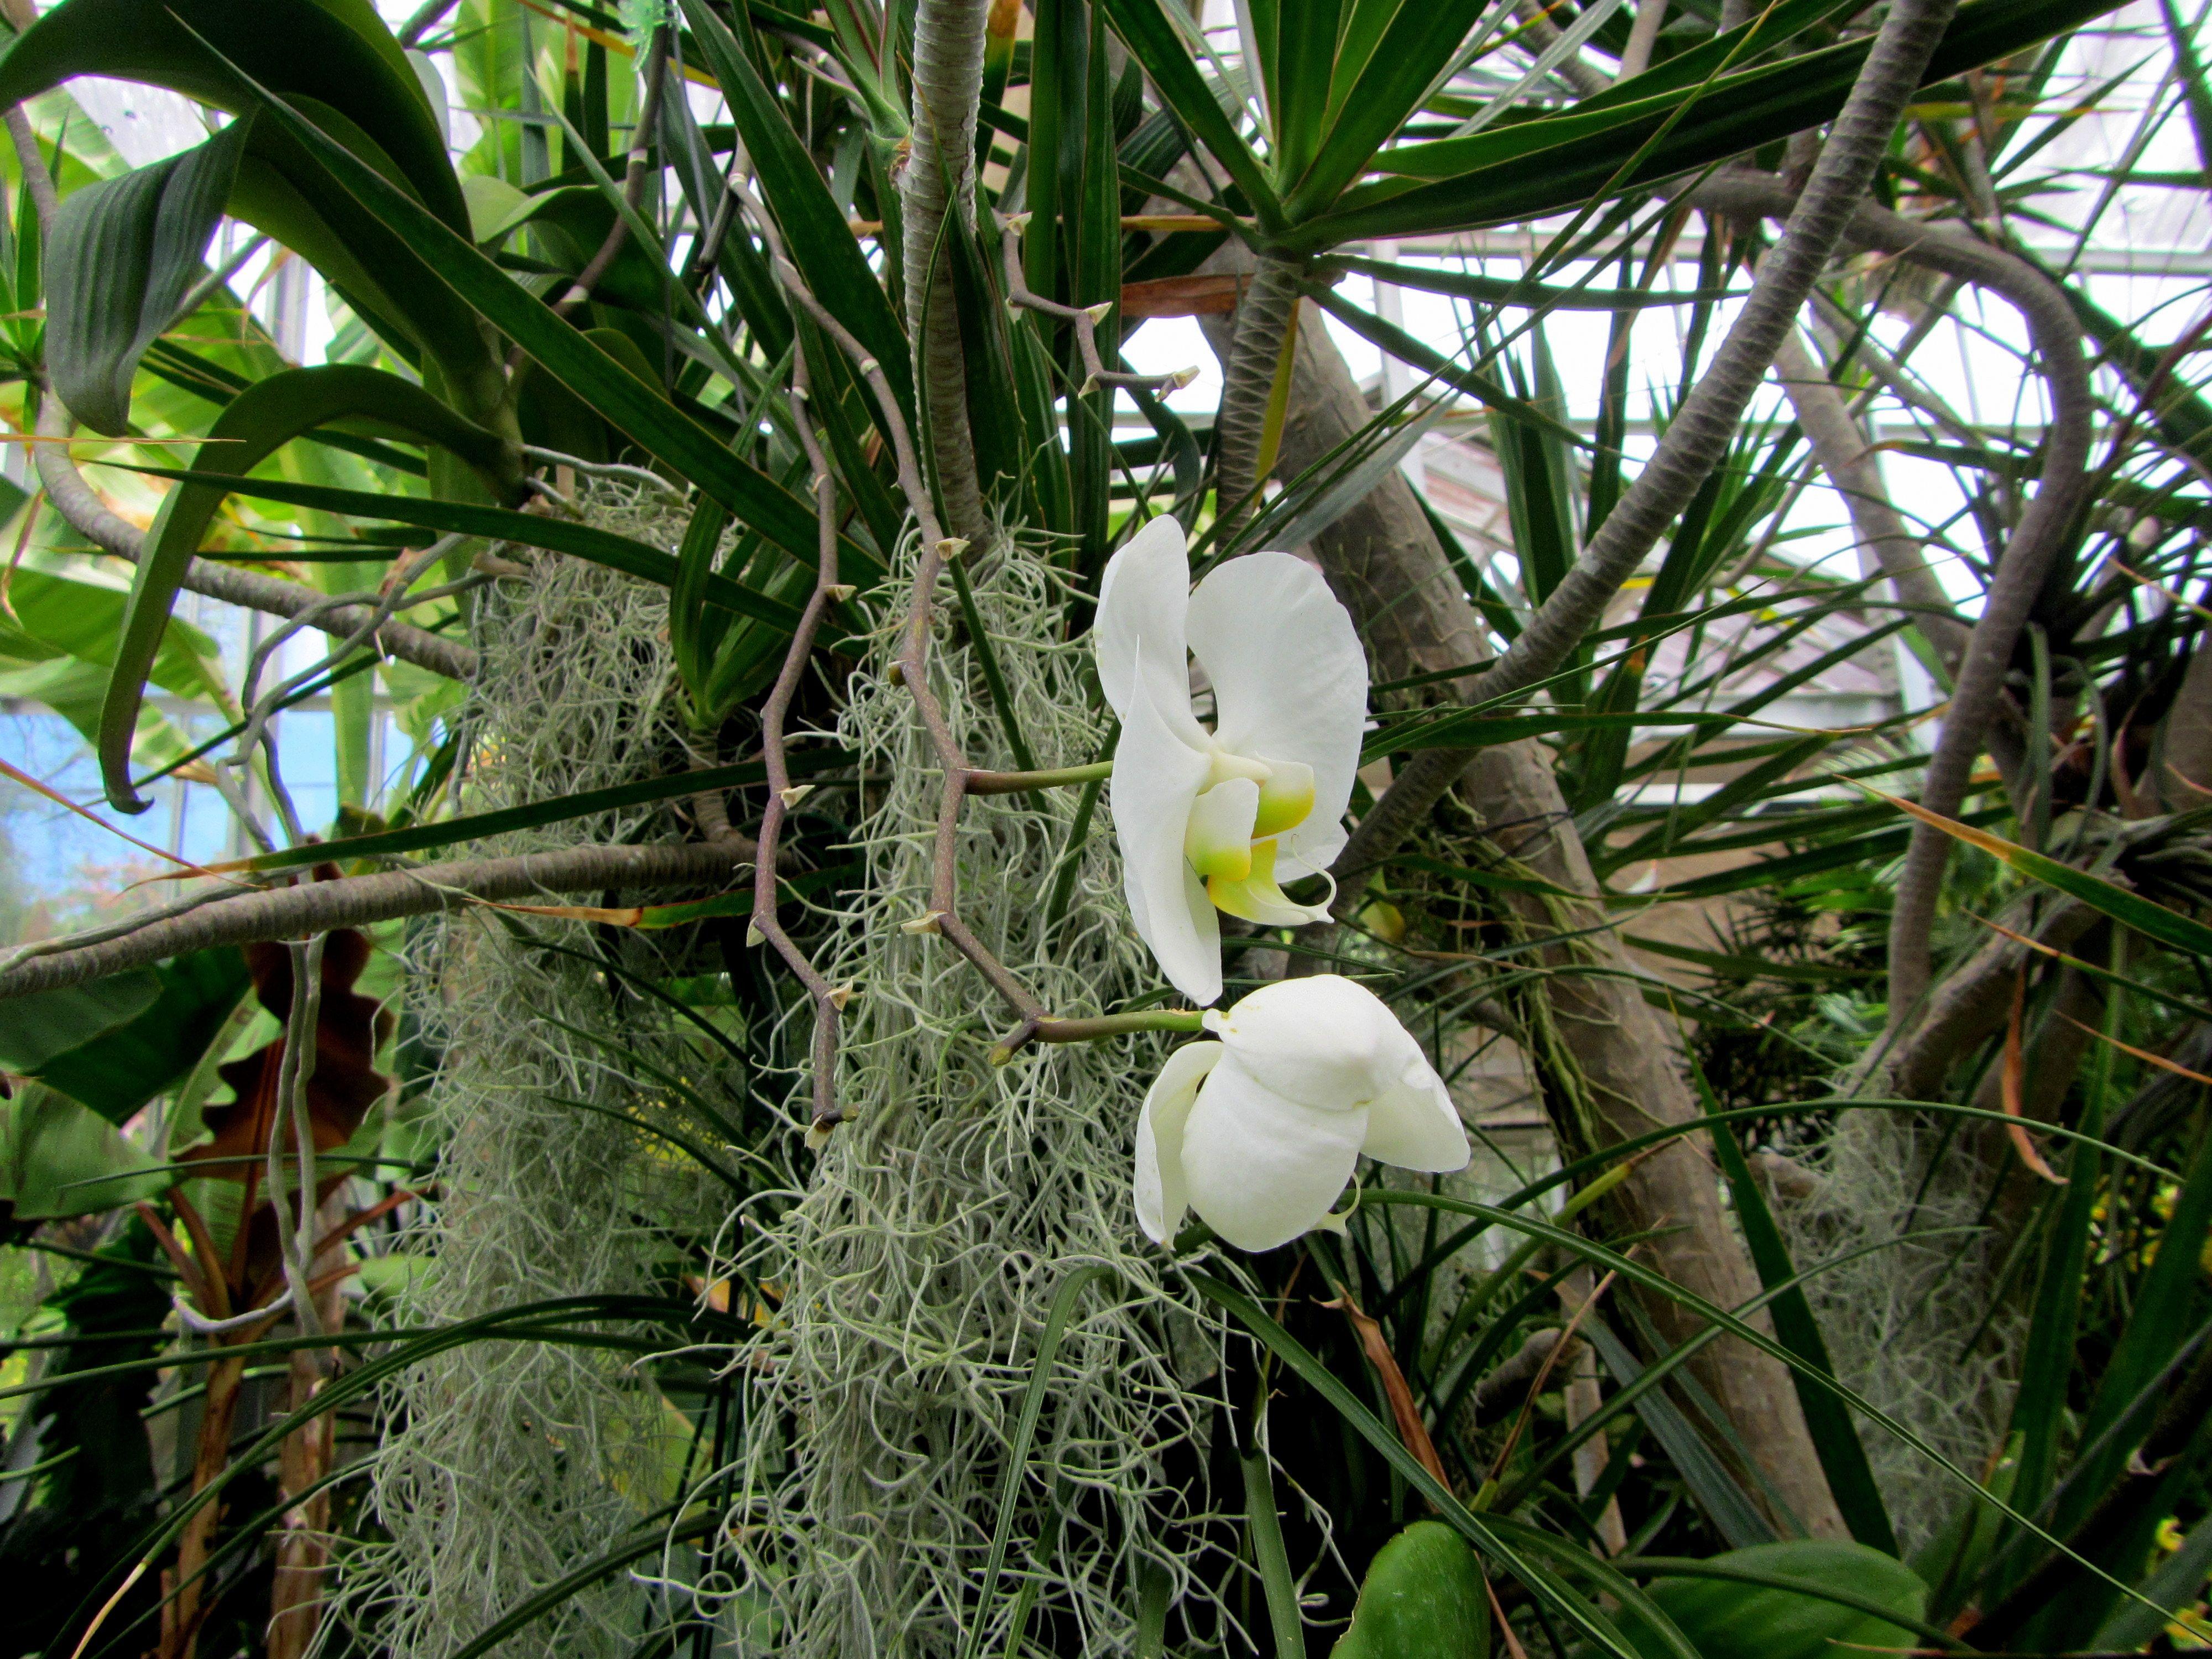 Storczyki, Foster Botanical Garden, Honolulu